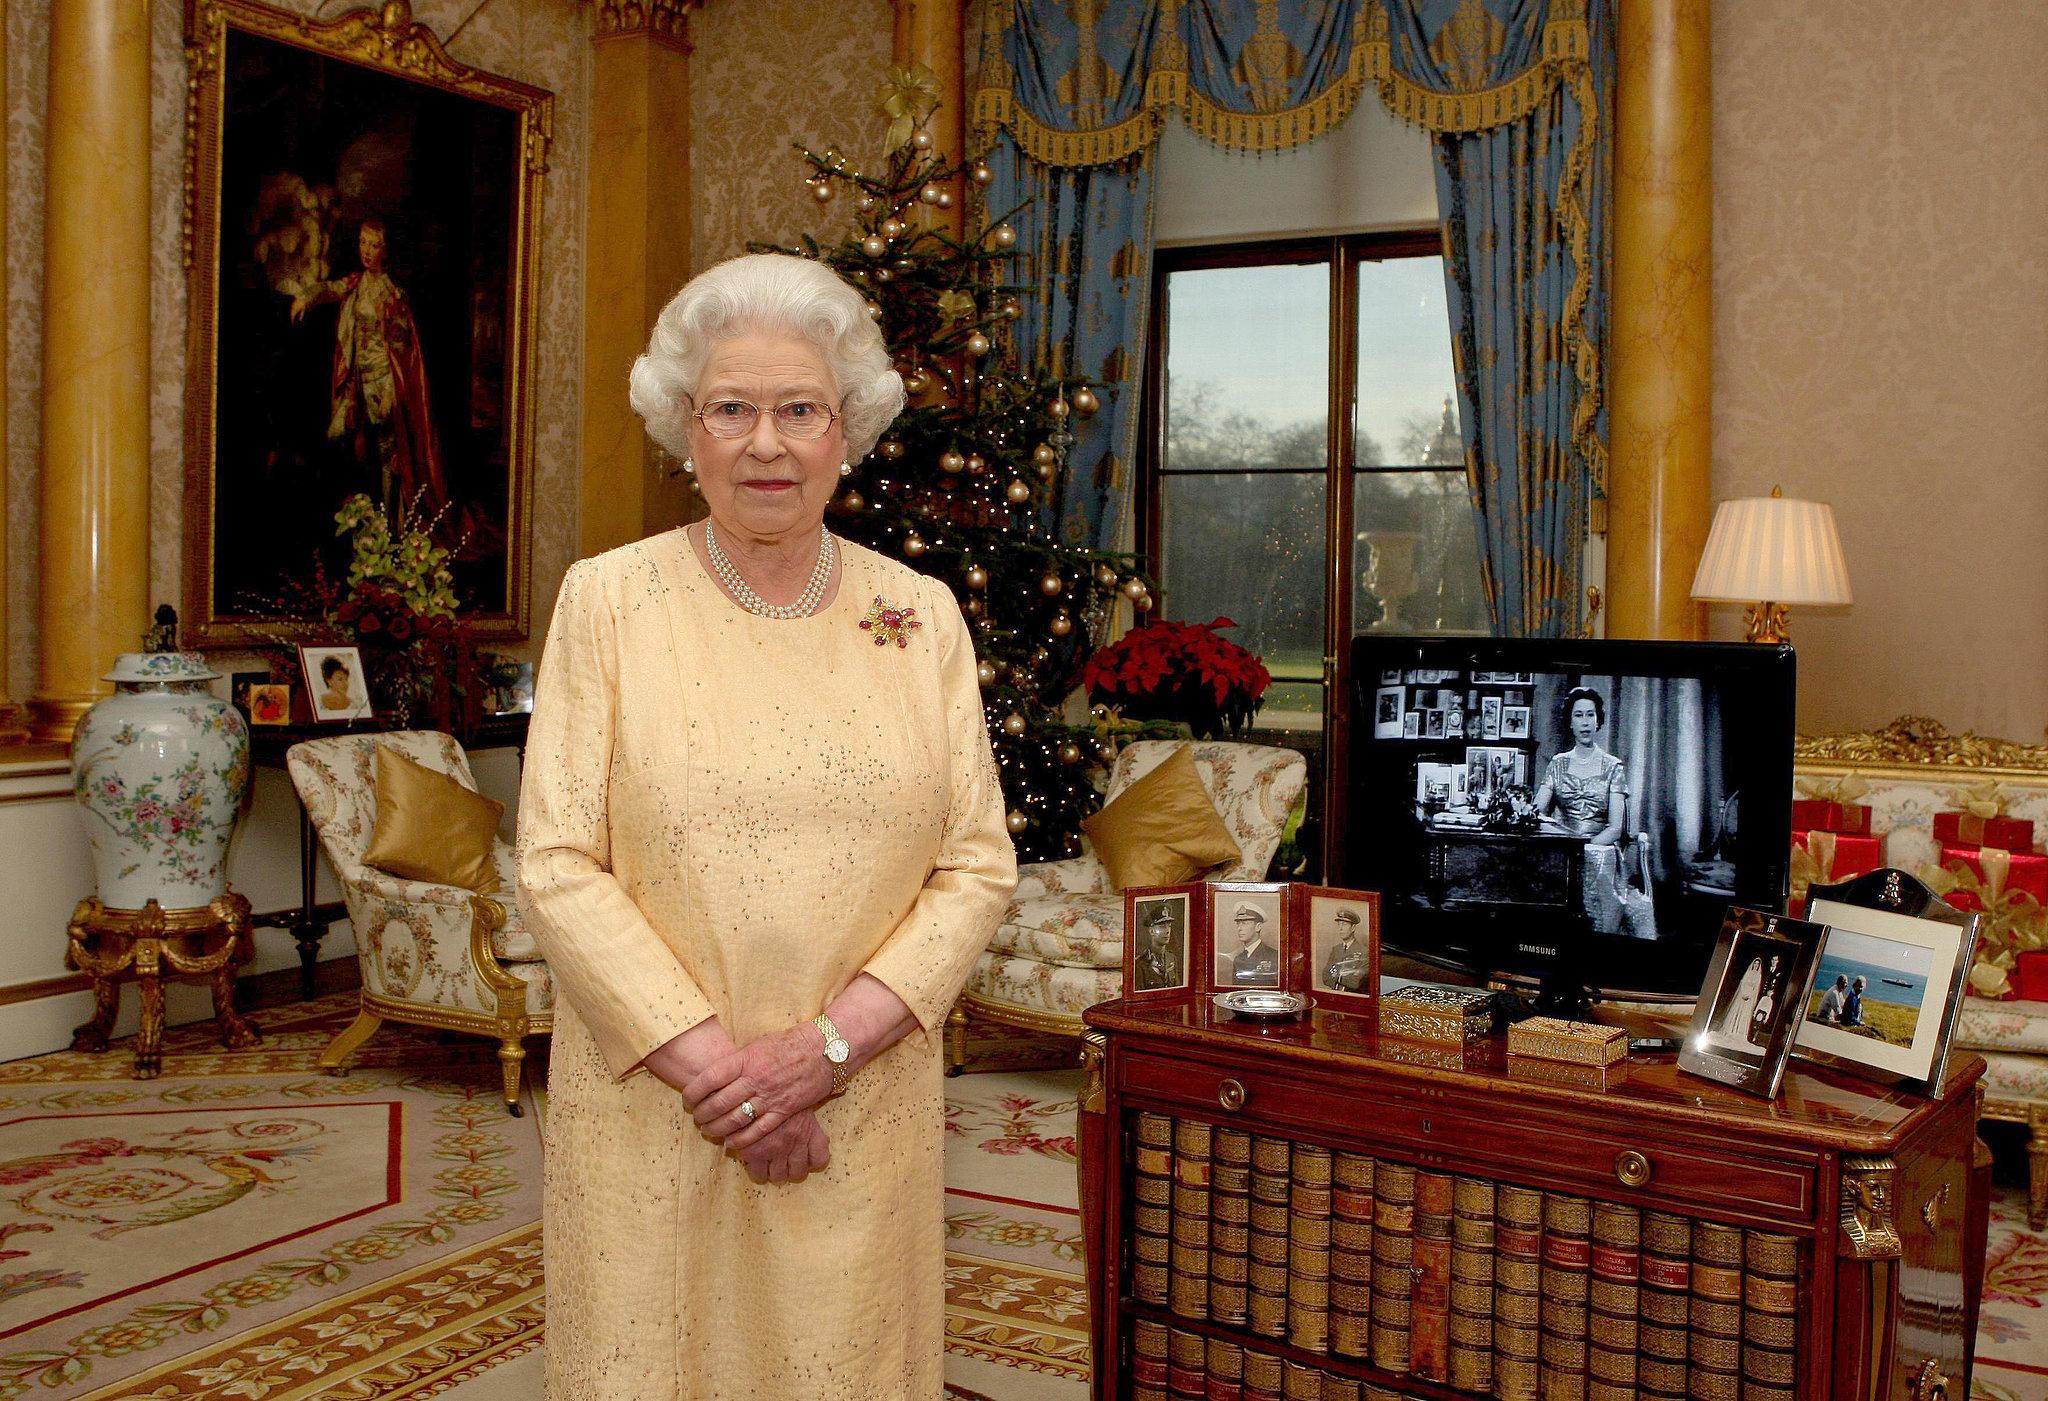 queen-elizabeth-ii-filmed-her-christmas-day-message-buckingham.jpg